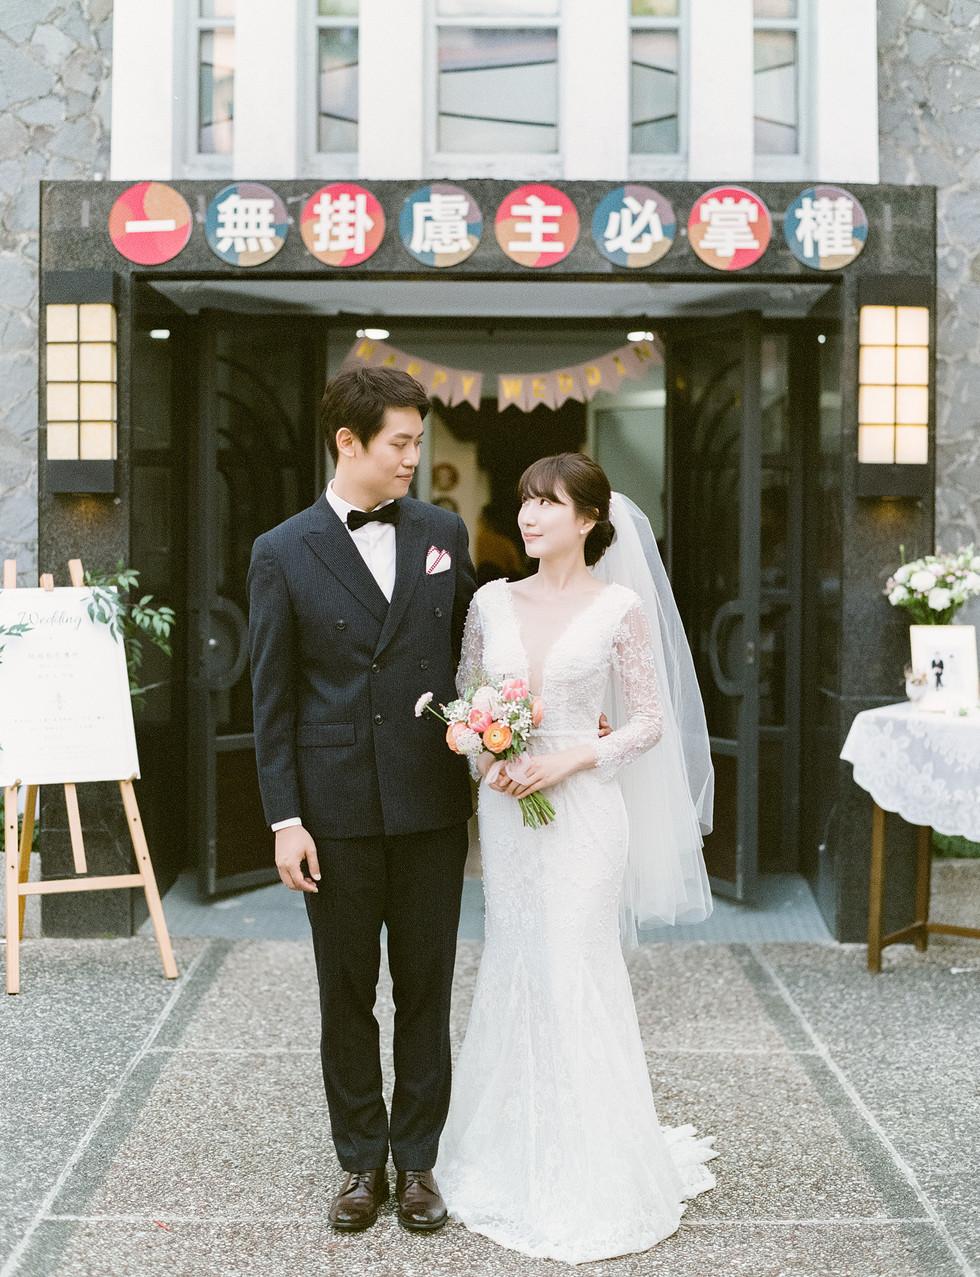 銘恩 羿璇 婚禮底片-3 小圖.jpg